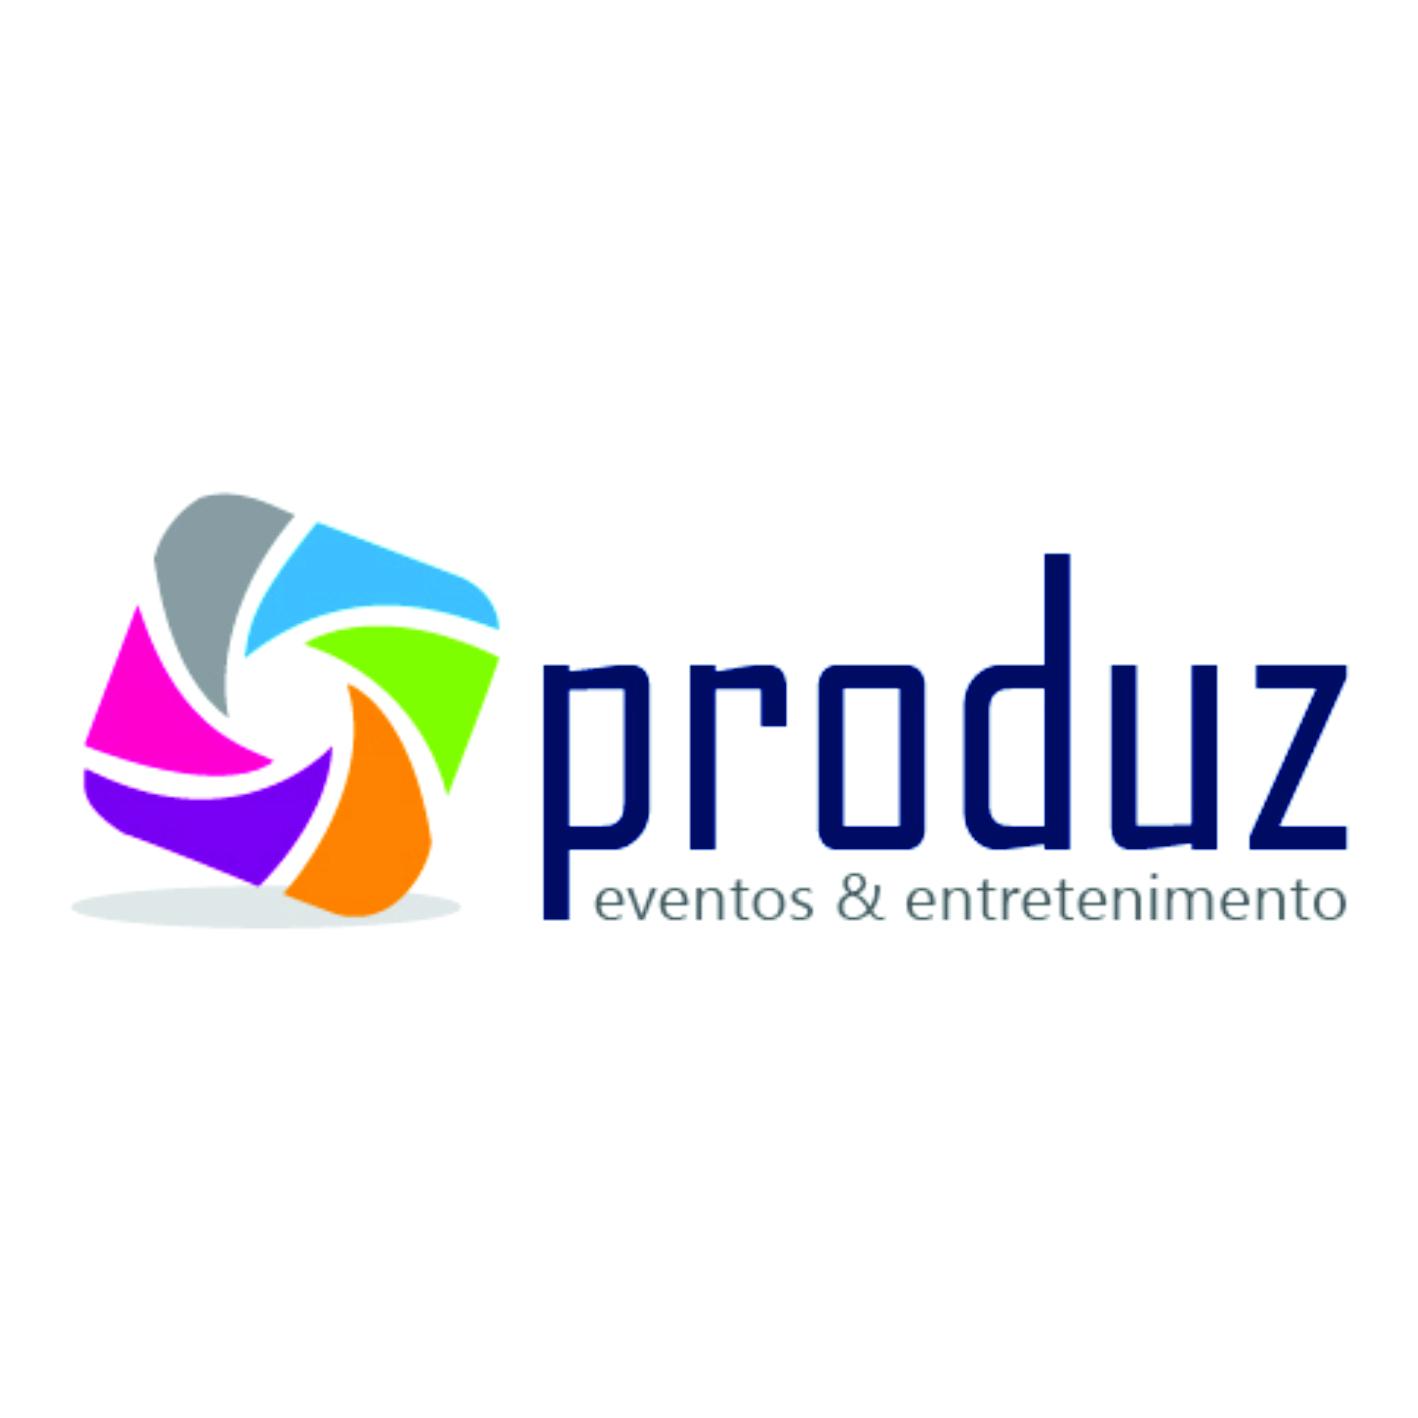 Produz Eventos & Entretenimento